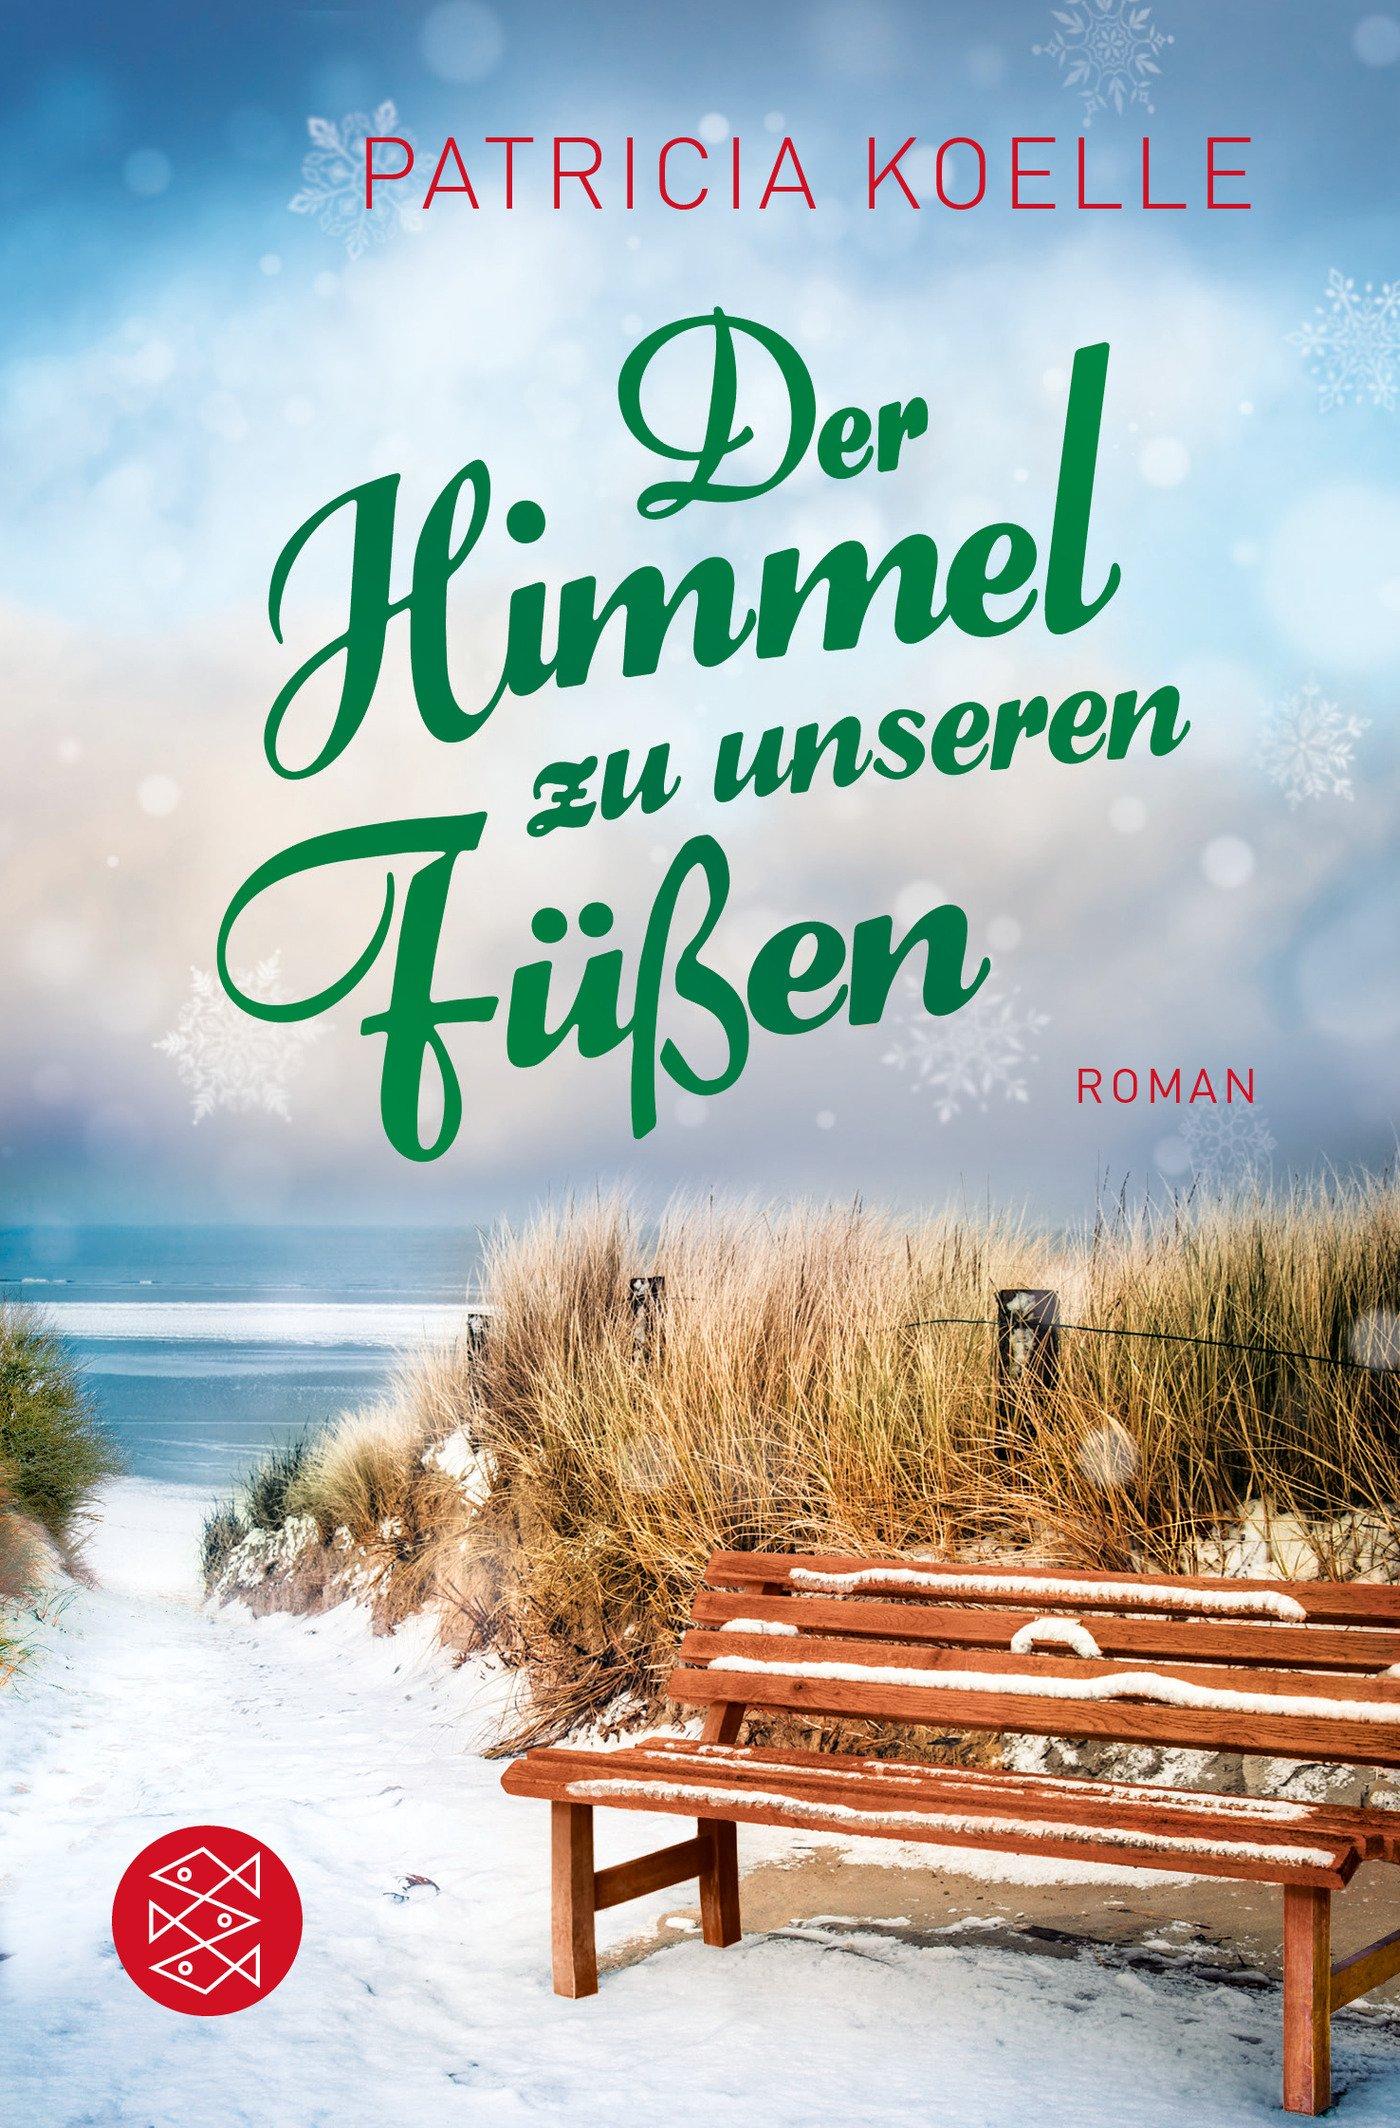 Der Himmel zu unseren Füßen: Weihnachtsroman: Amazon.de: Patricia ...